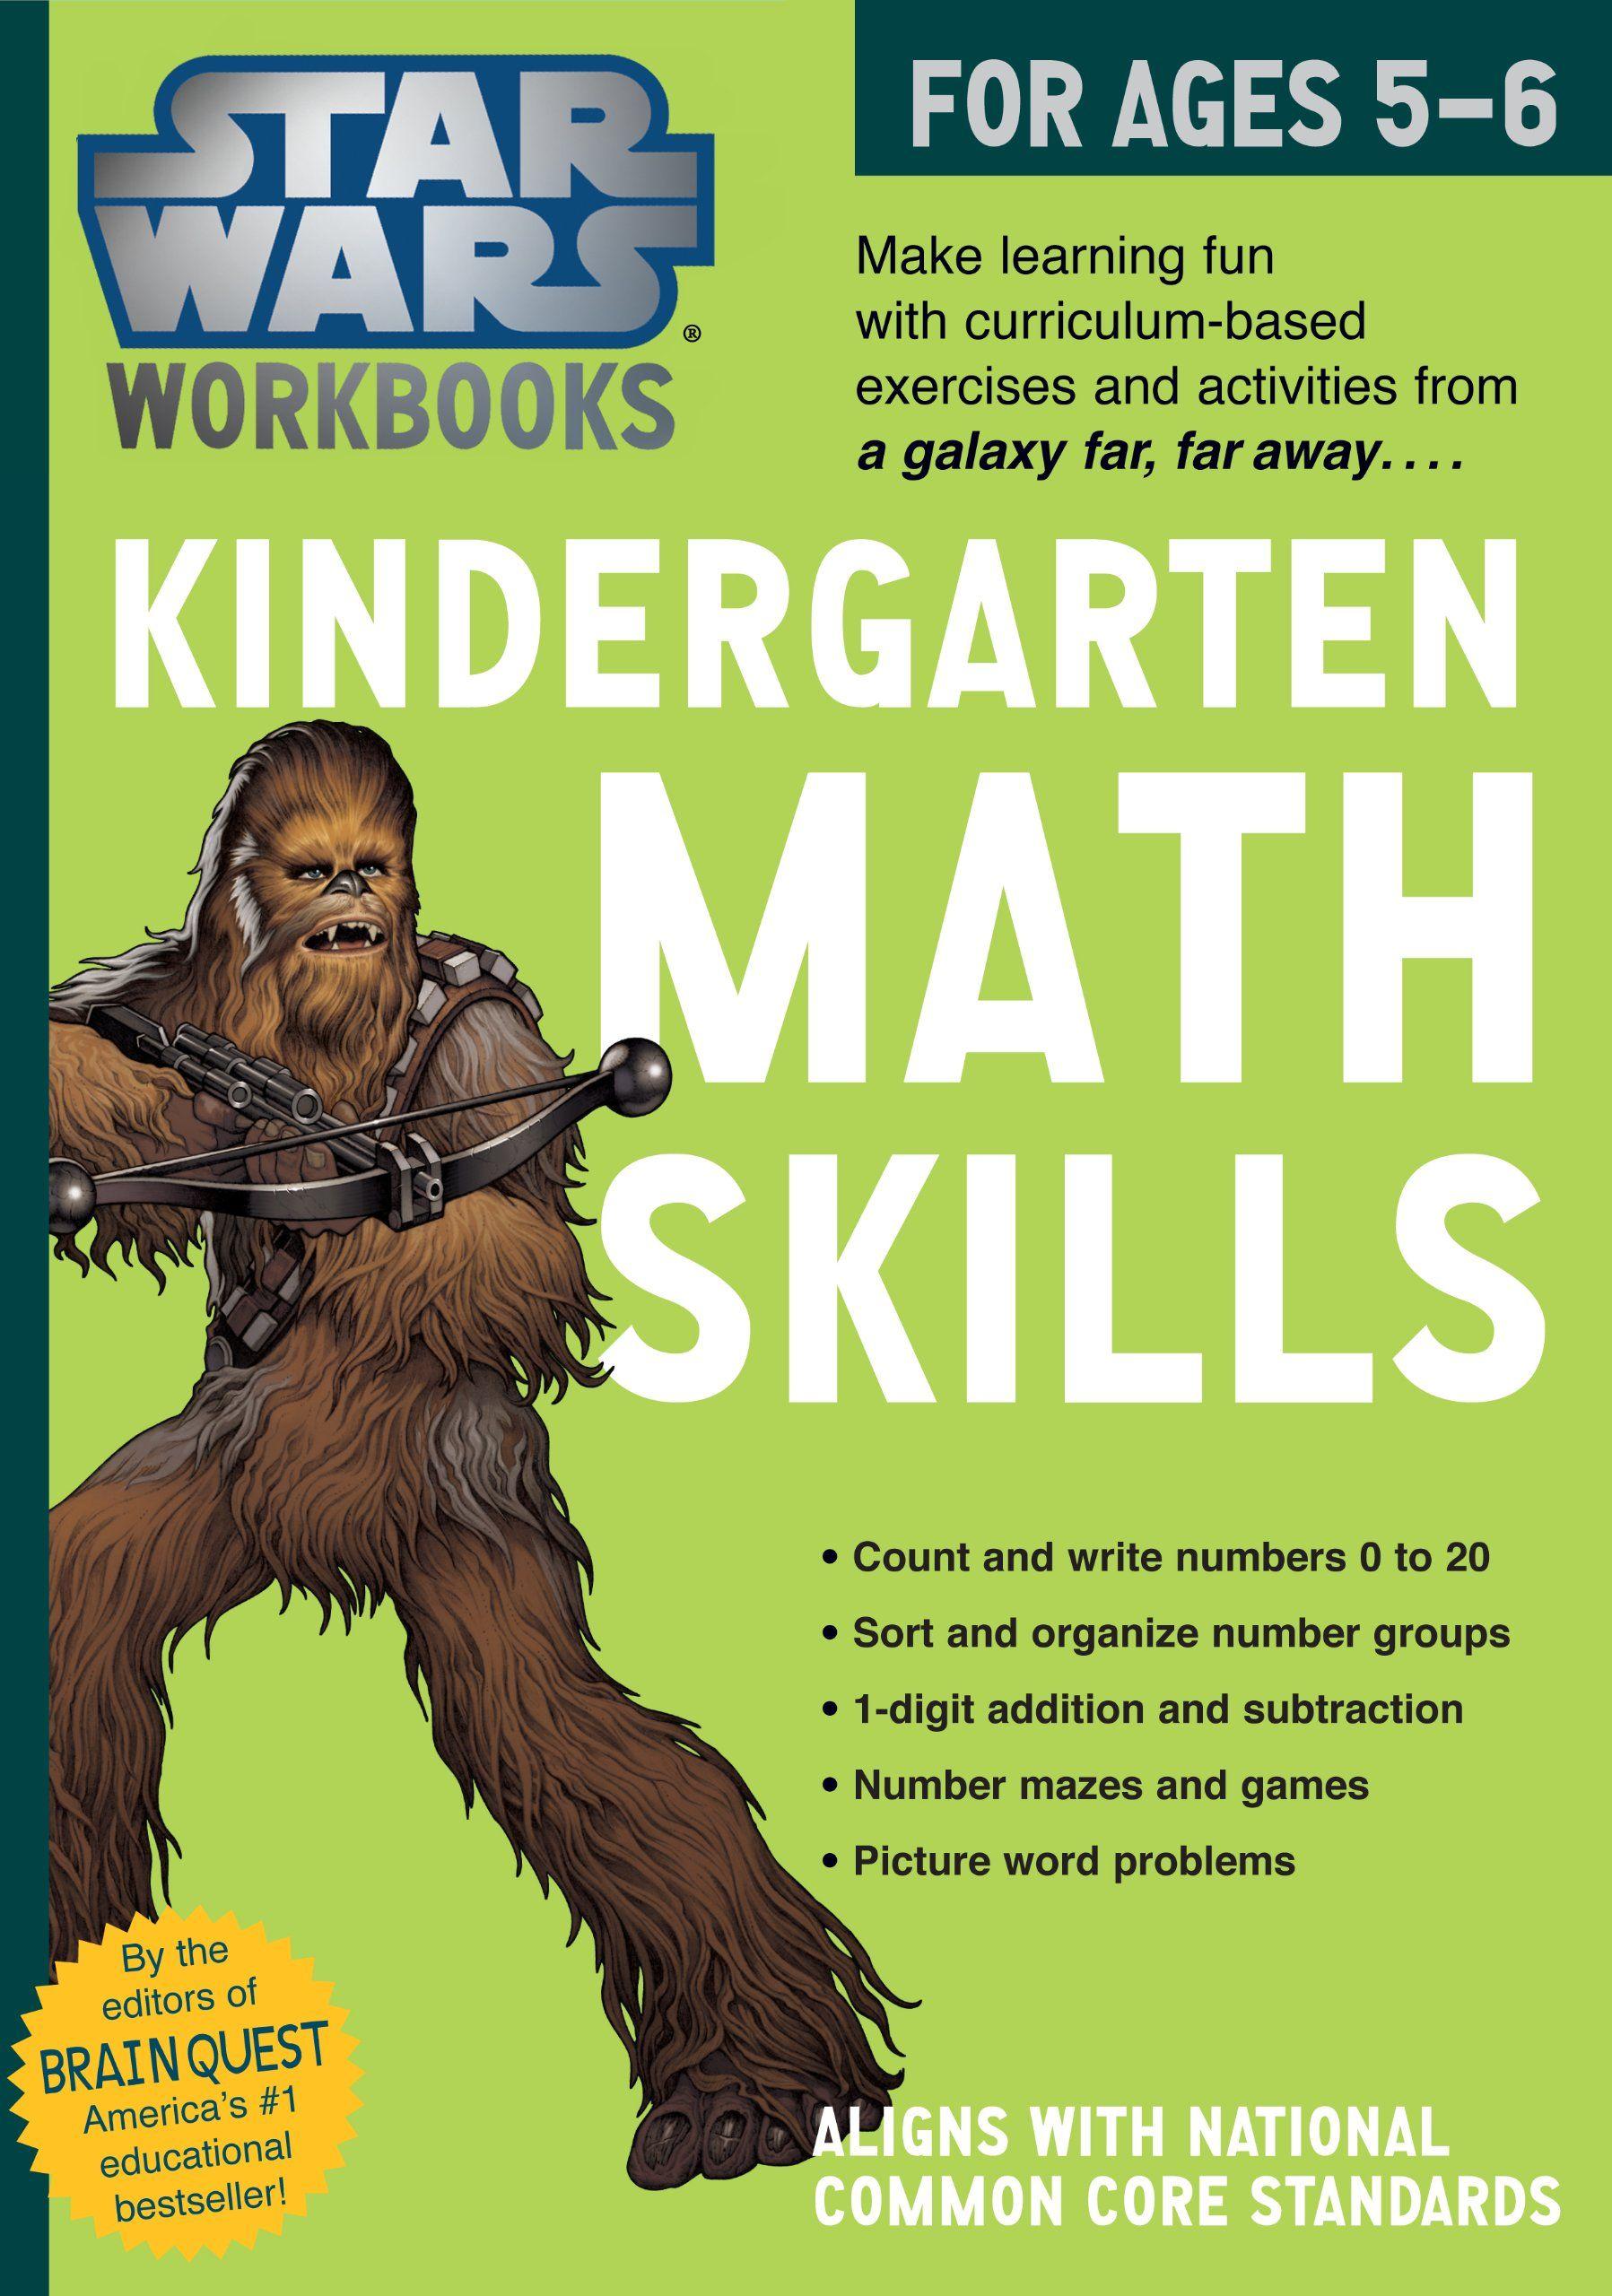 Star Wars Workbook Kindergarten Math Skills 8